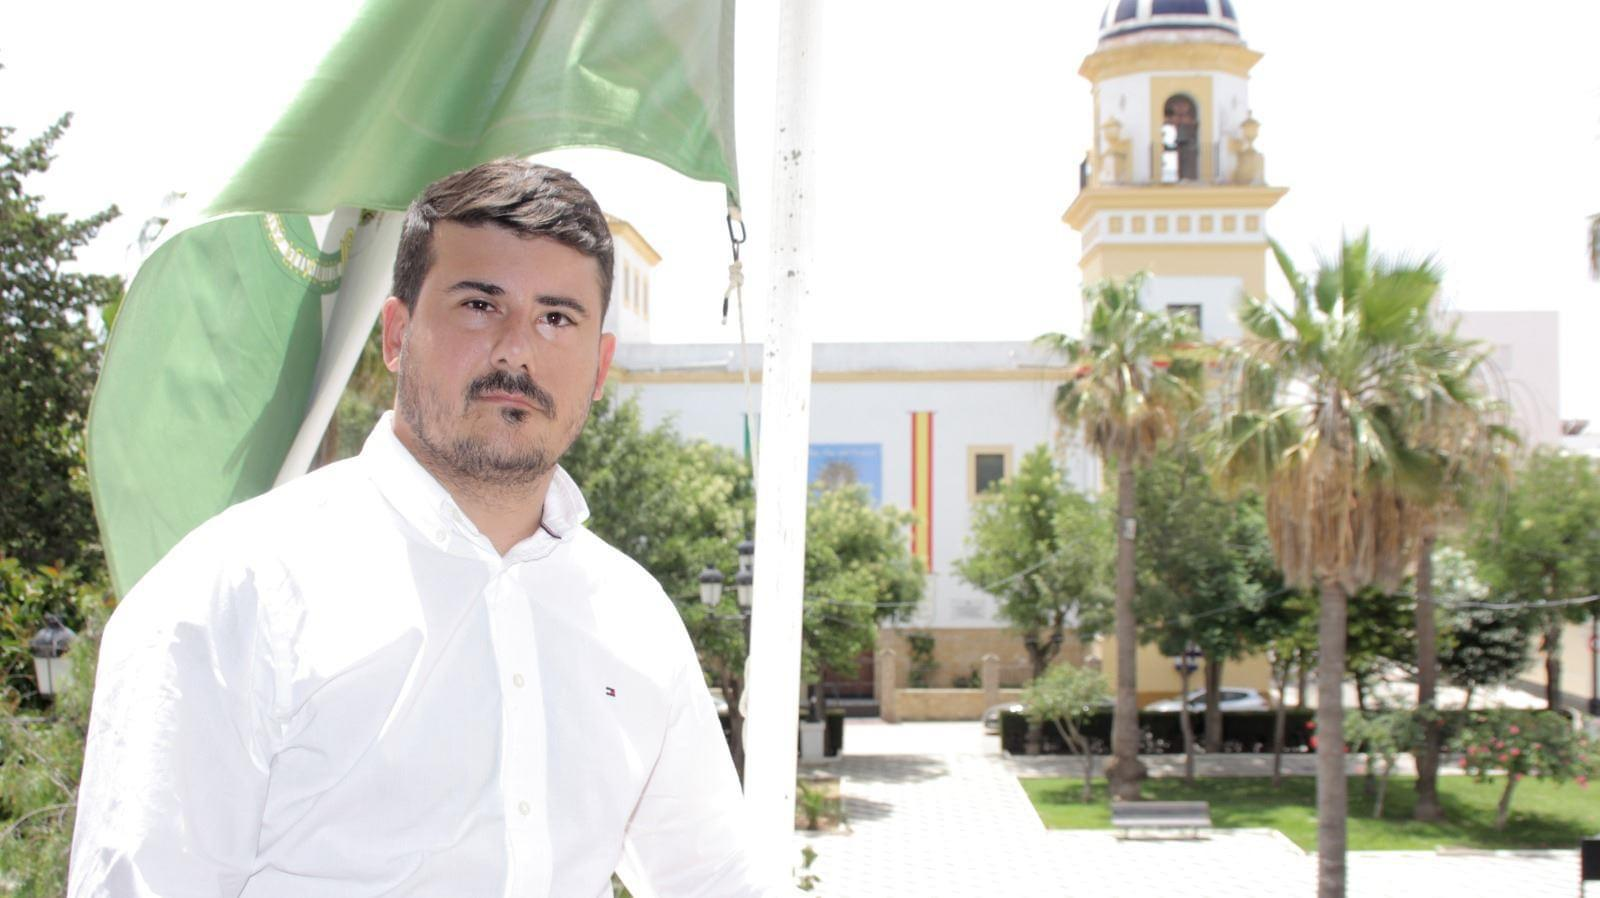 Javier Rodriguez Cabeza, Teniente Alcalde del Ayuntamiento de Barbate.